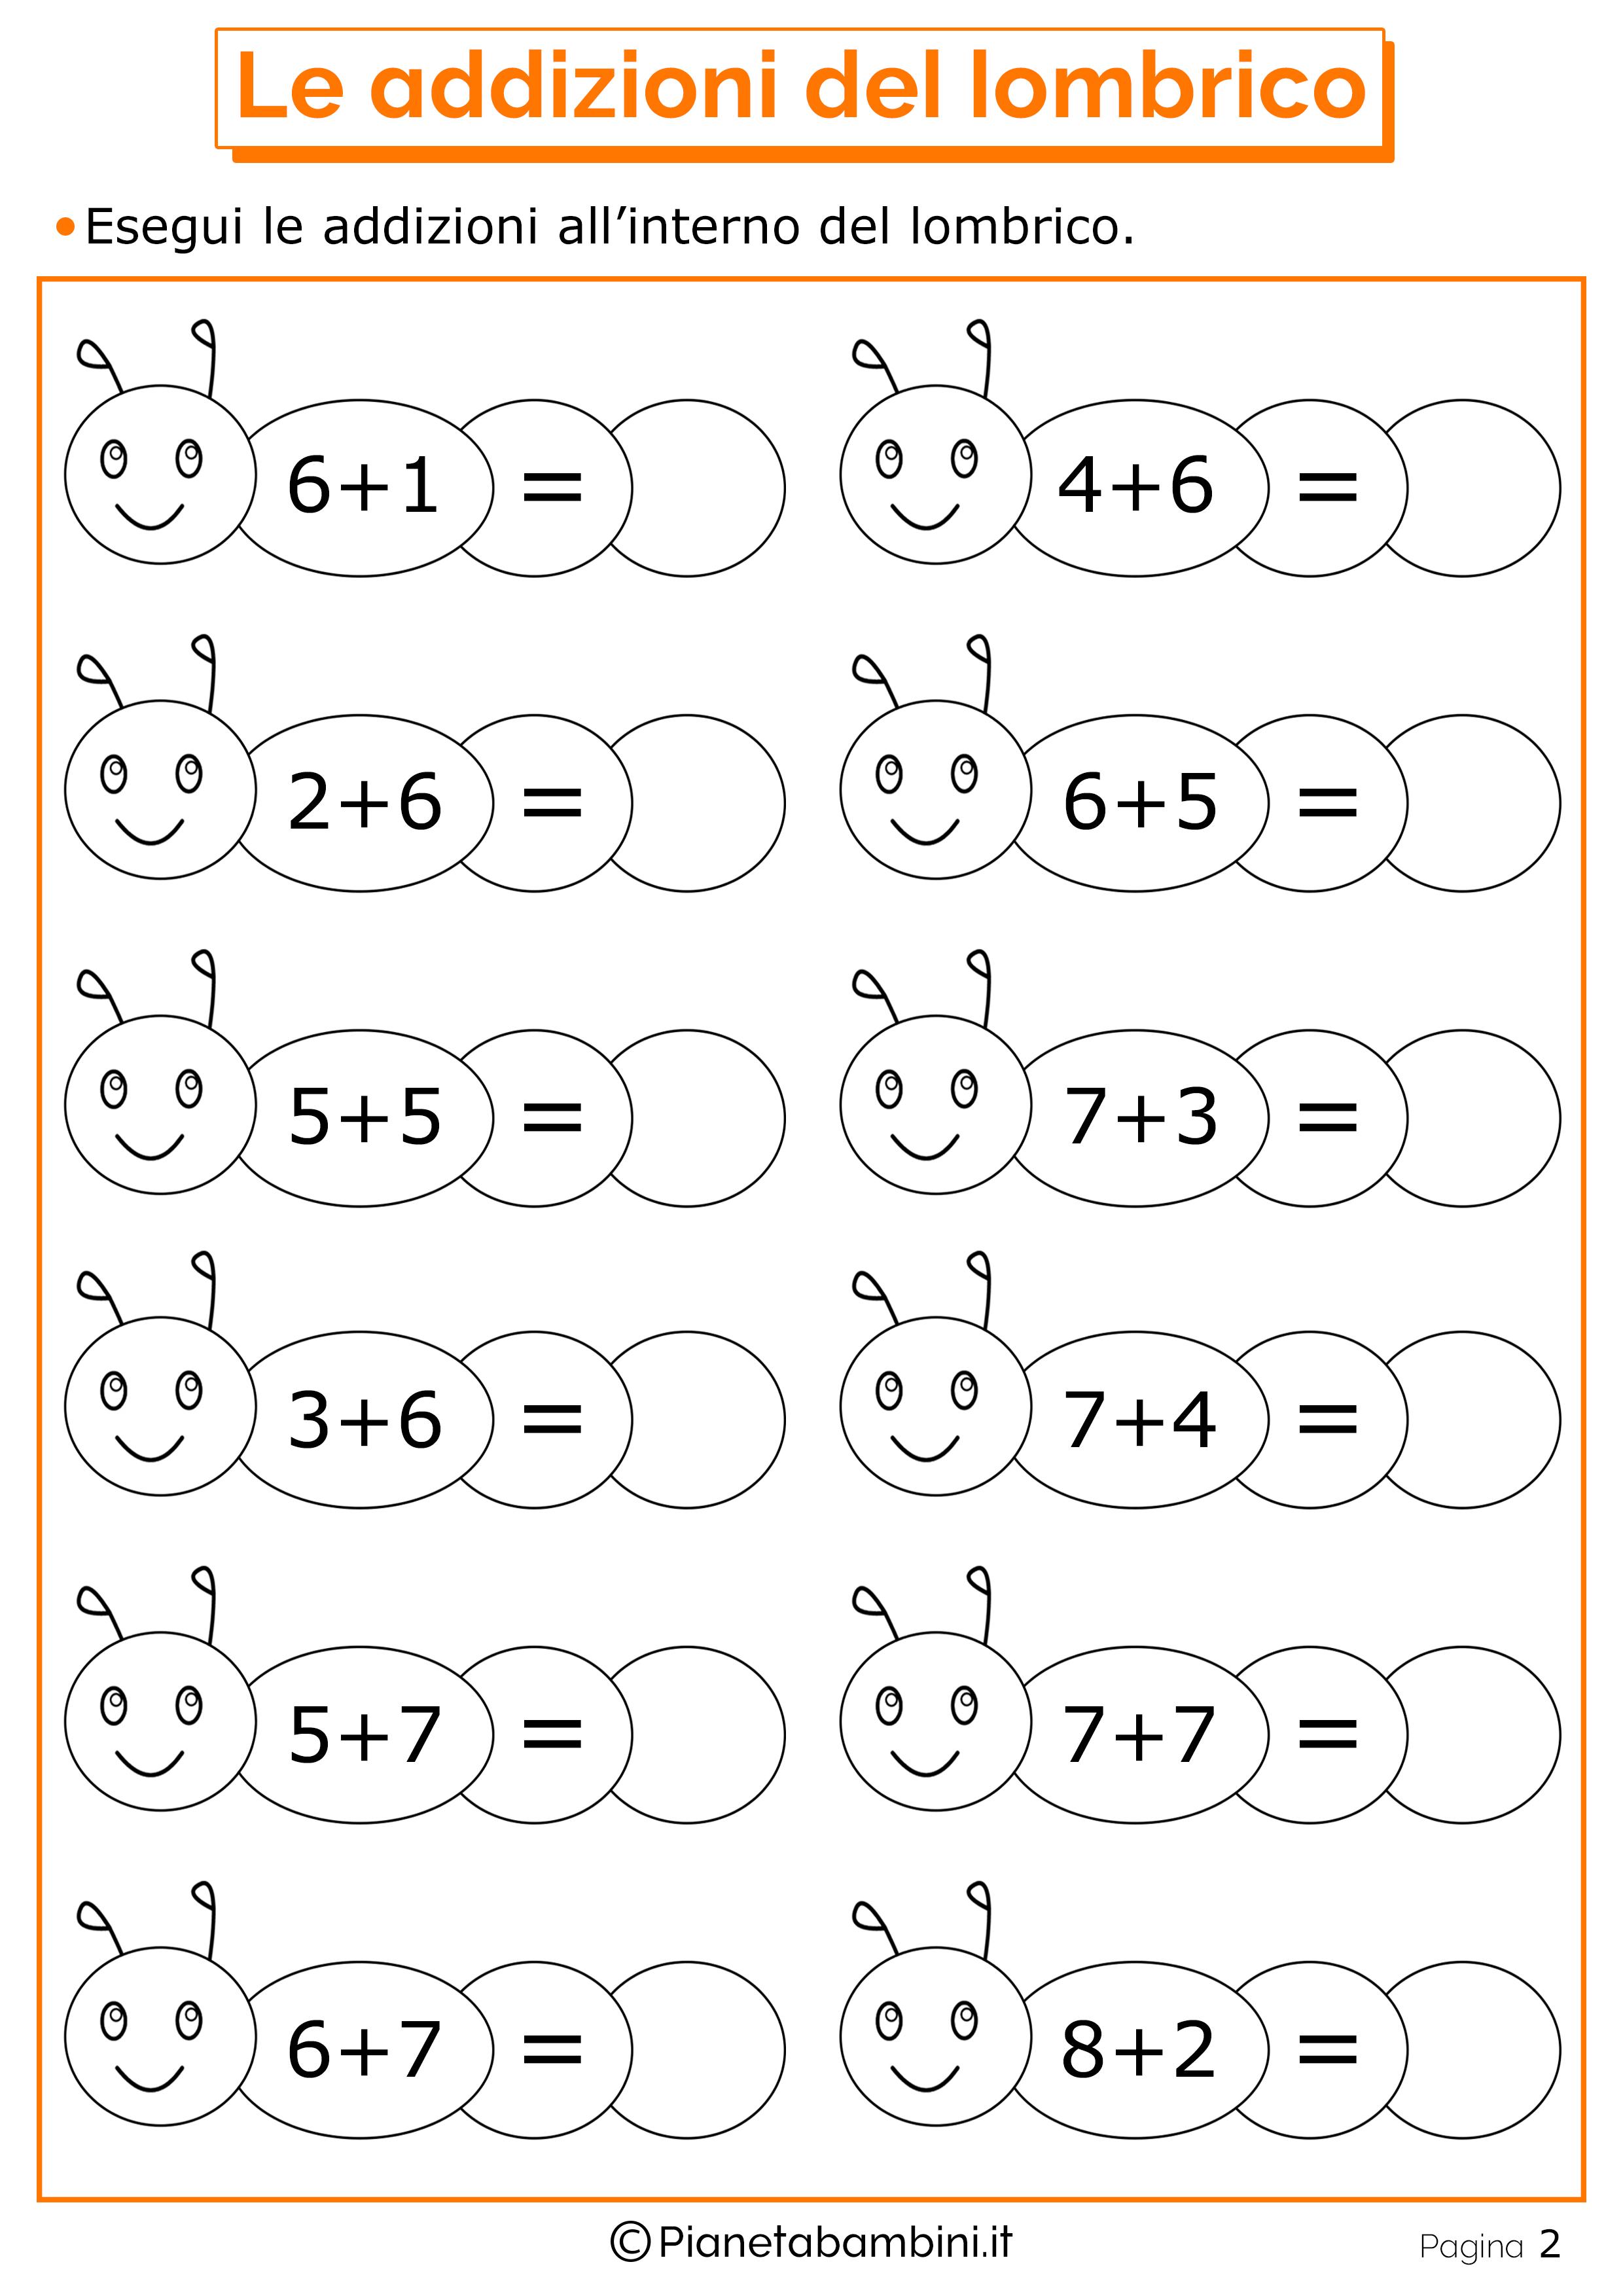 Top Giochi di Matematica sulle Addizioni per Bambini da Stampare  BD53